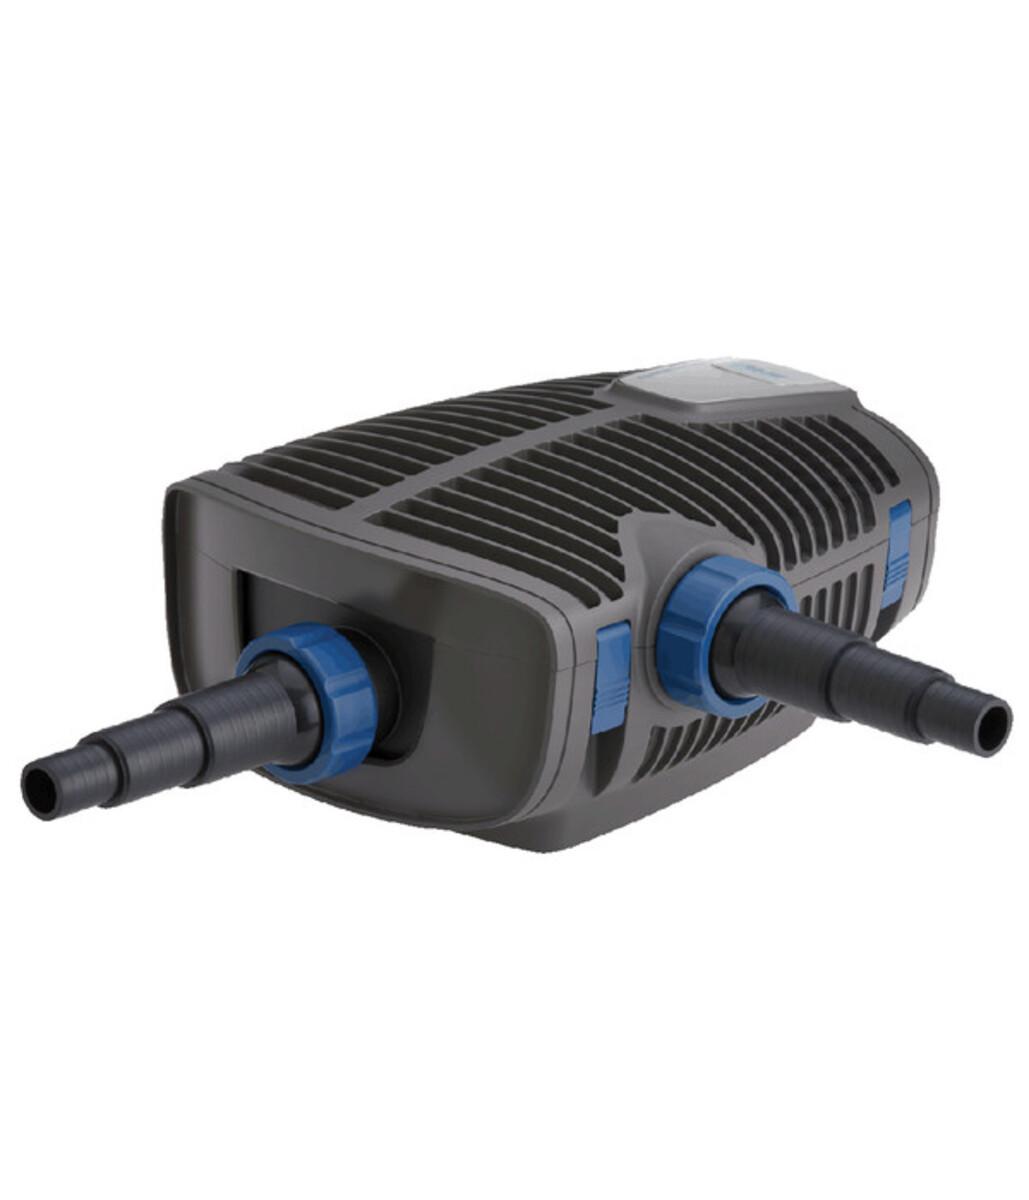 Bild 1 von OASE Teichpumpe AquaMax Eco Premium 6000